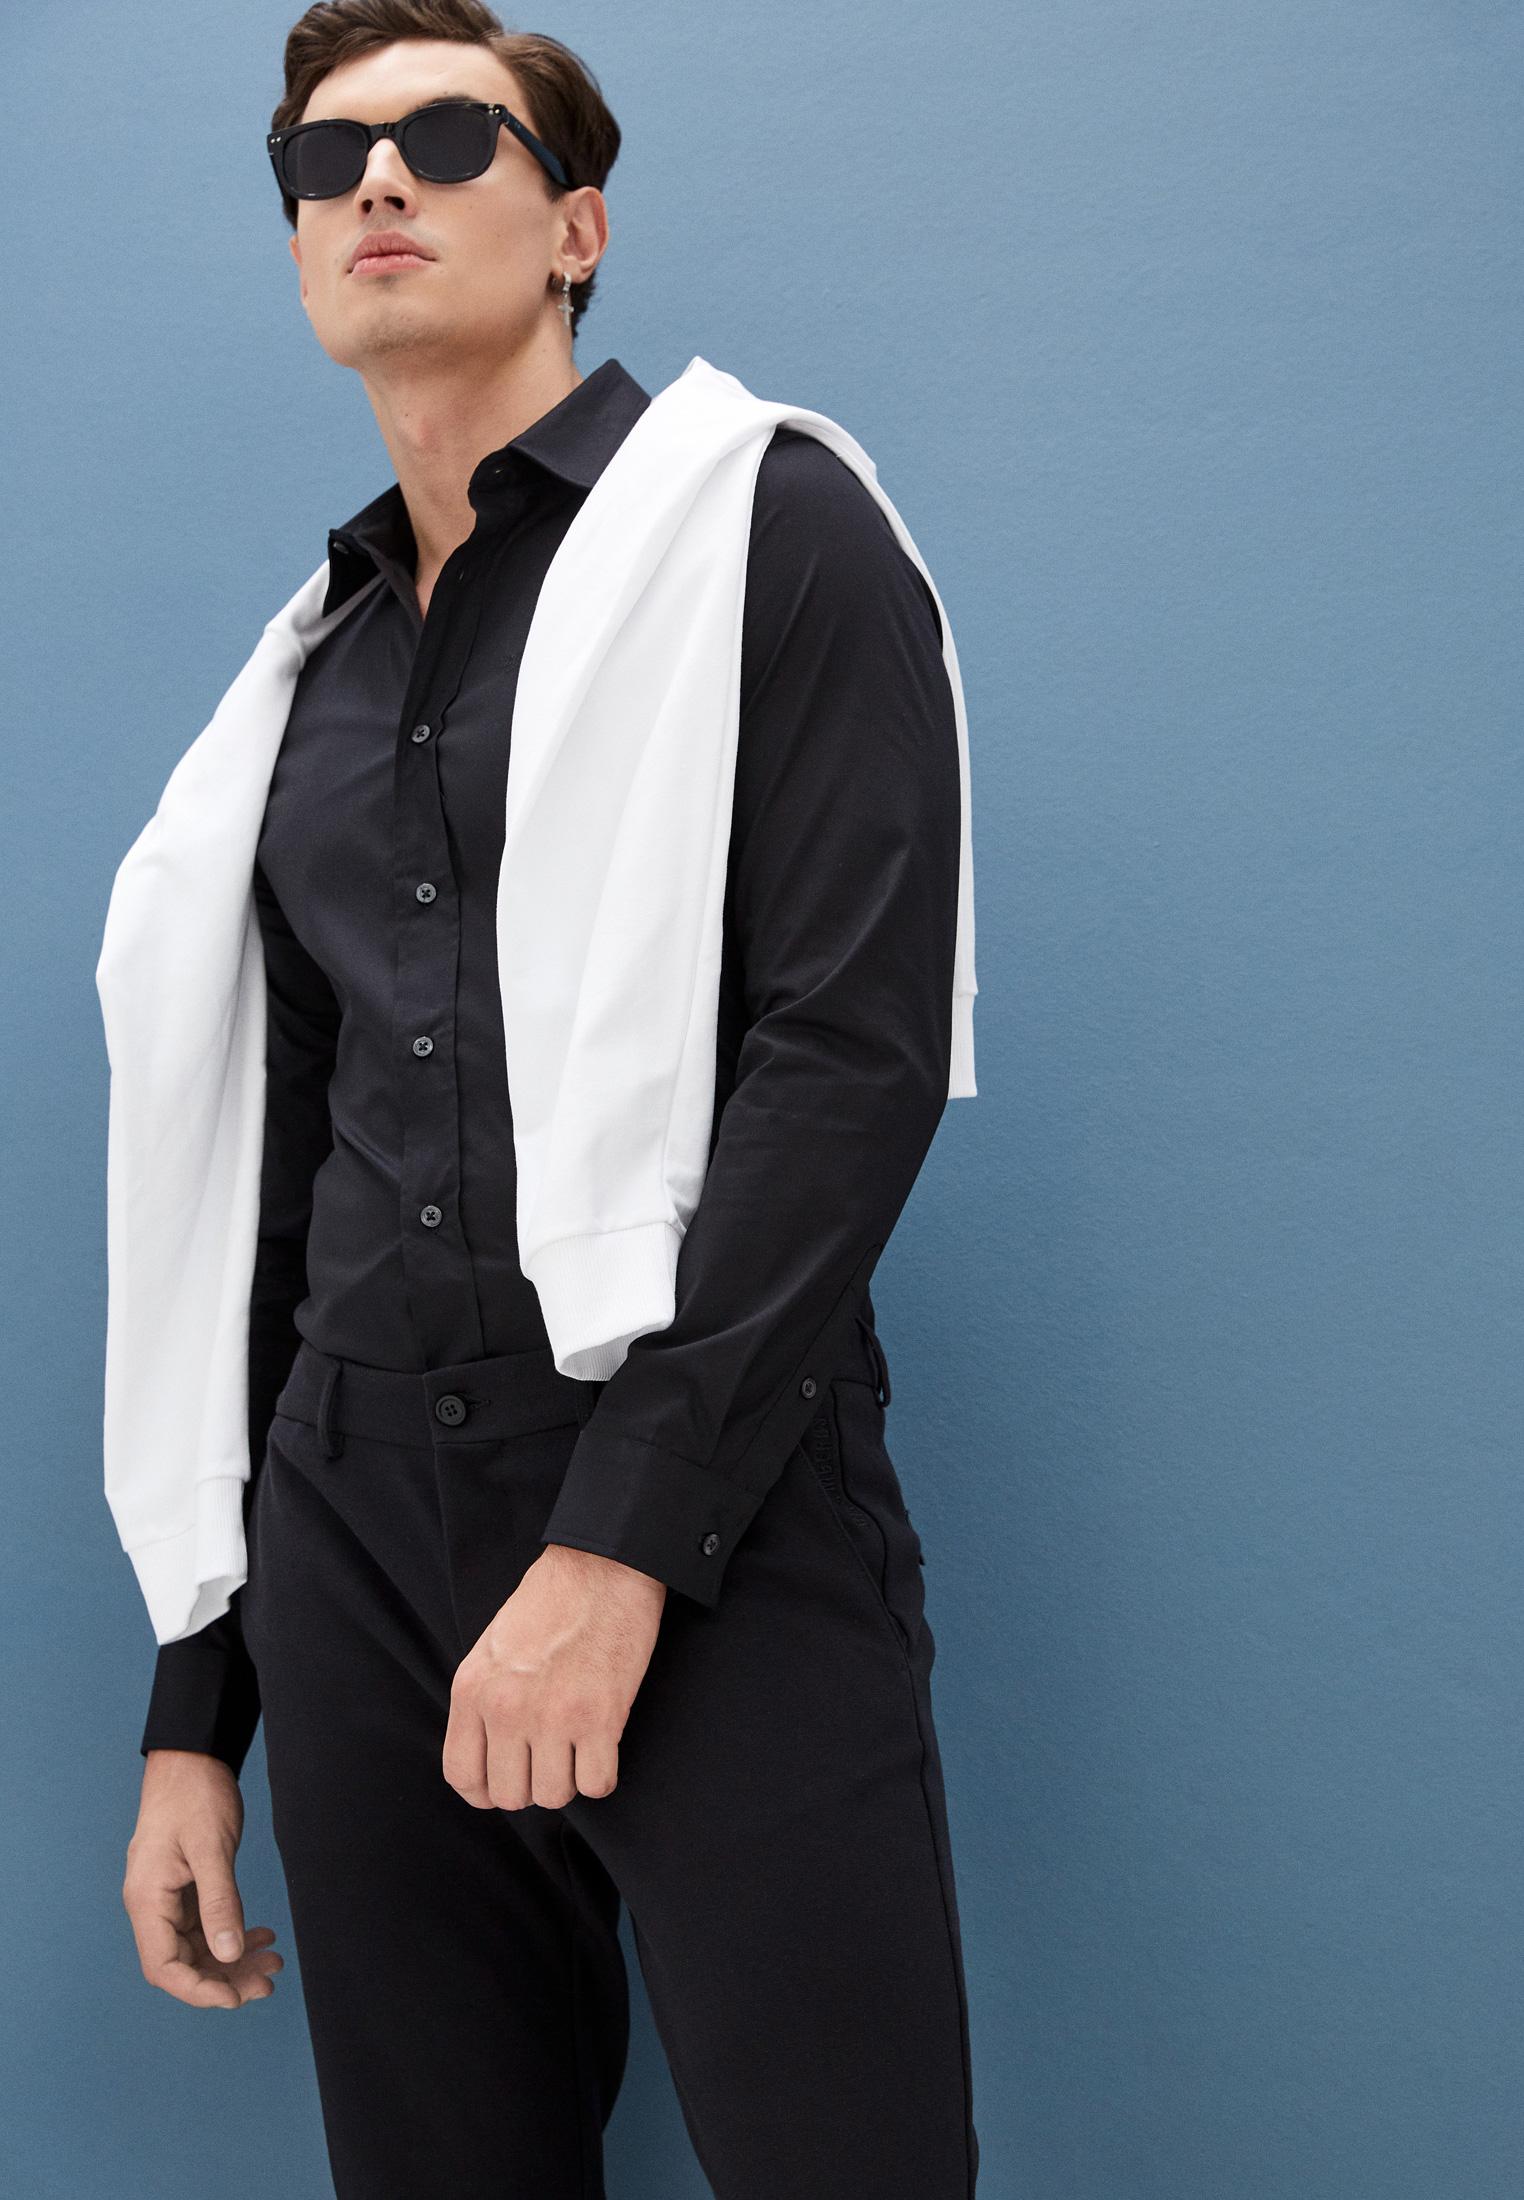 Мужские повседневные брюки Bikkembergs (Биккембергс) C 1 115 01 M 4114: изображение 2